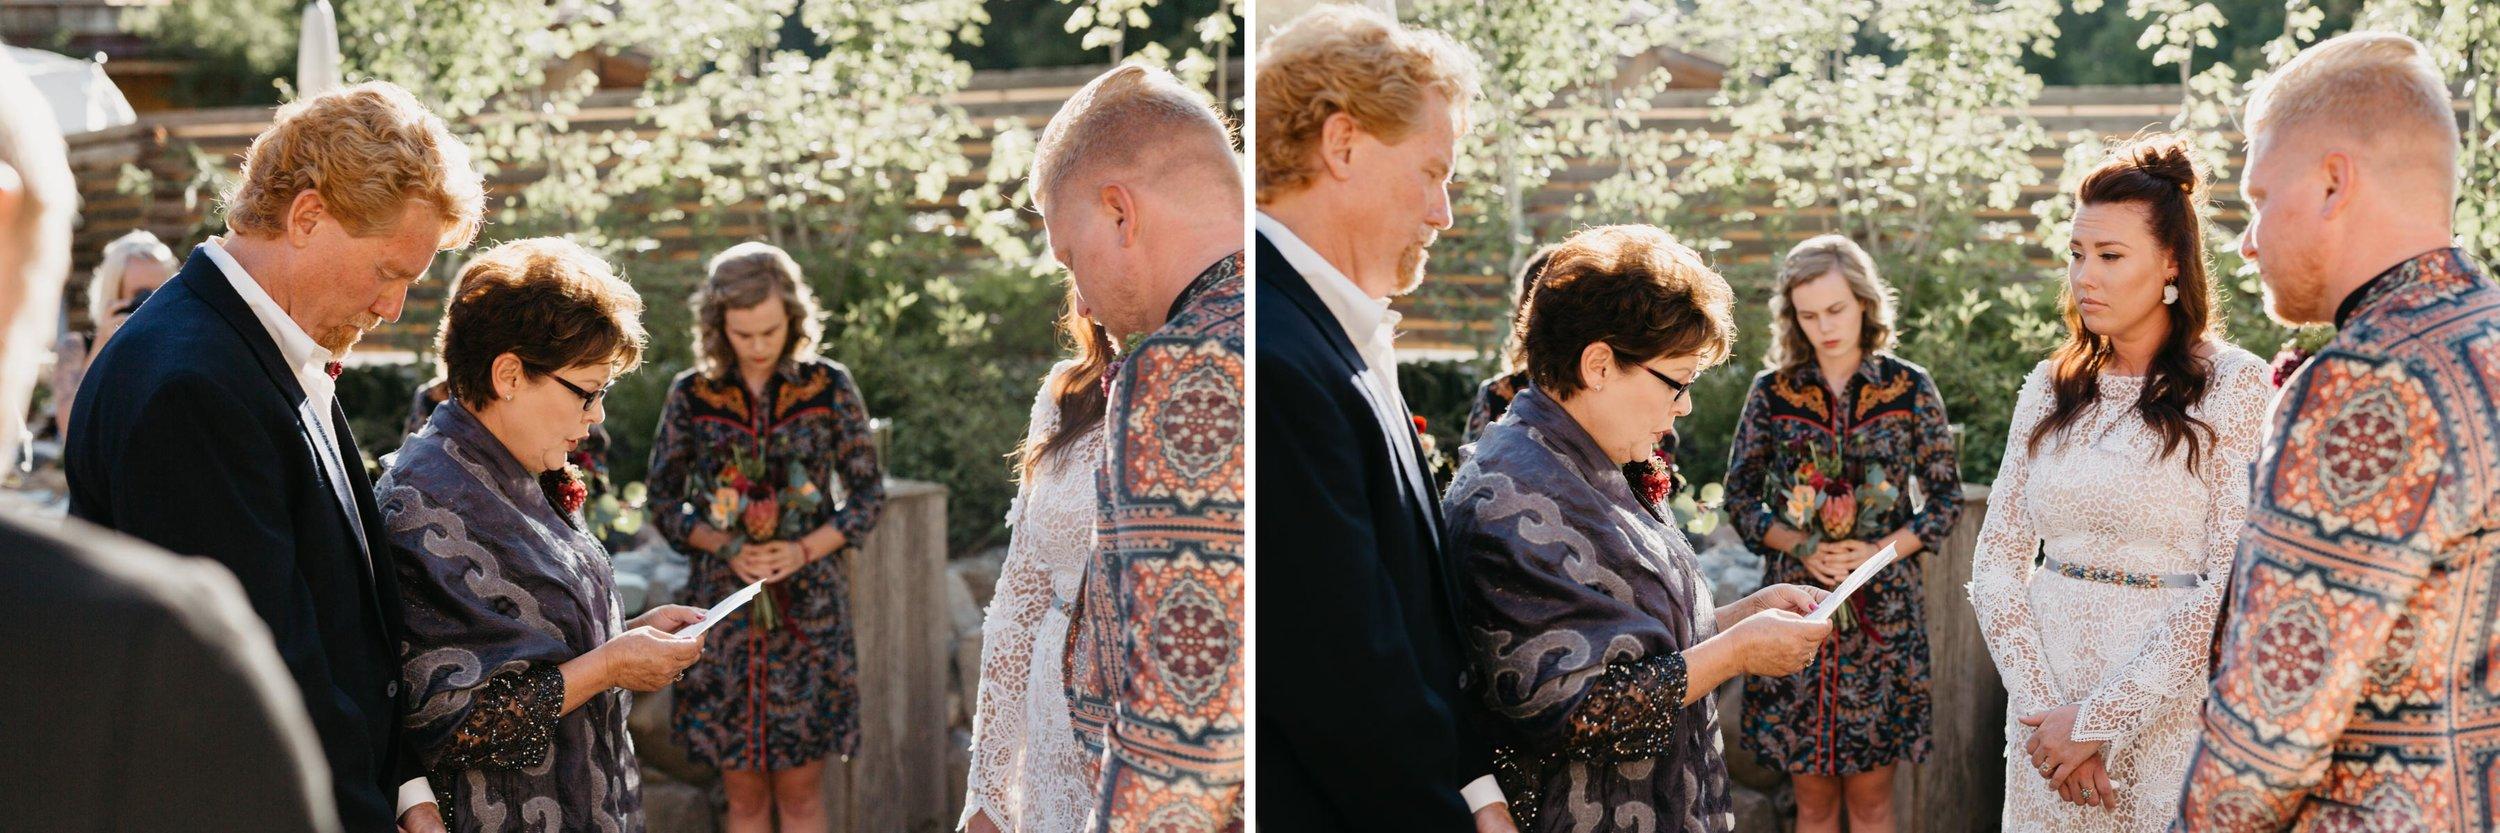 Sundance-Wedding-Photographer-010.jpg